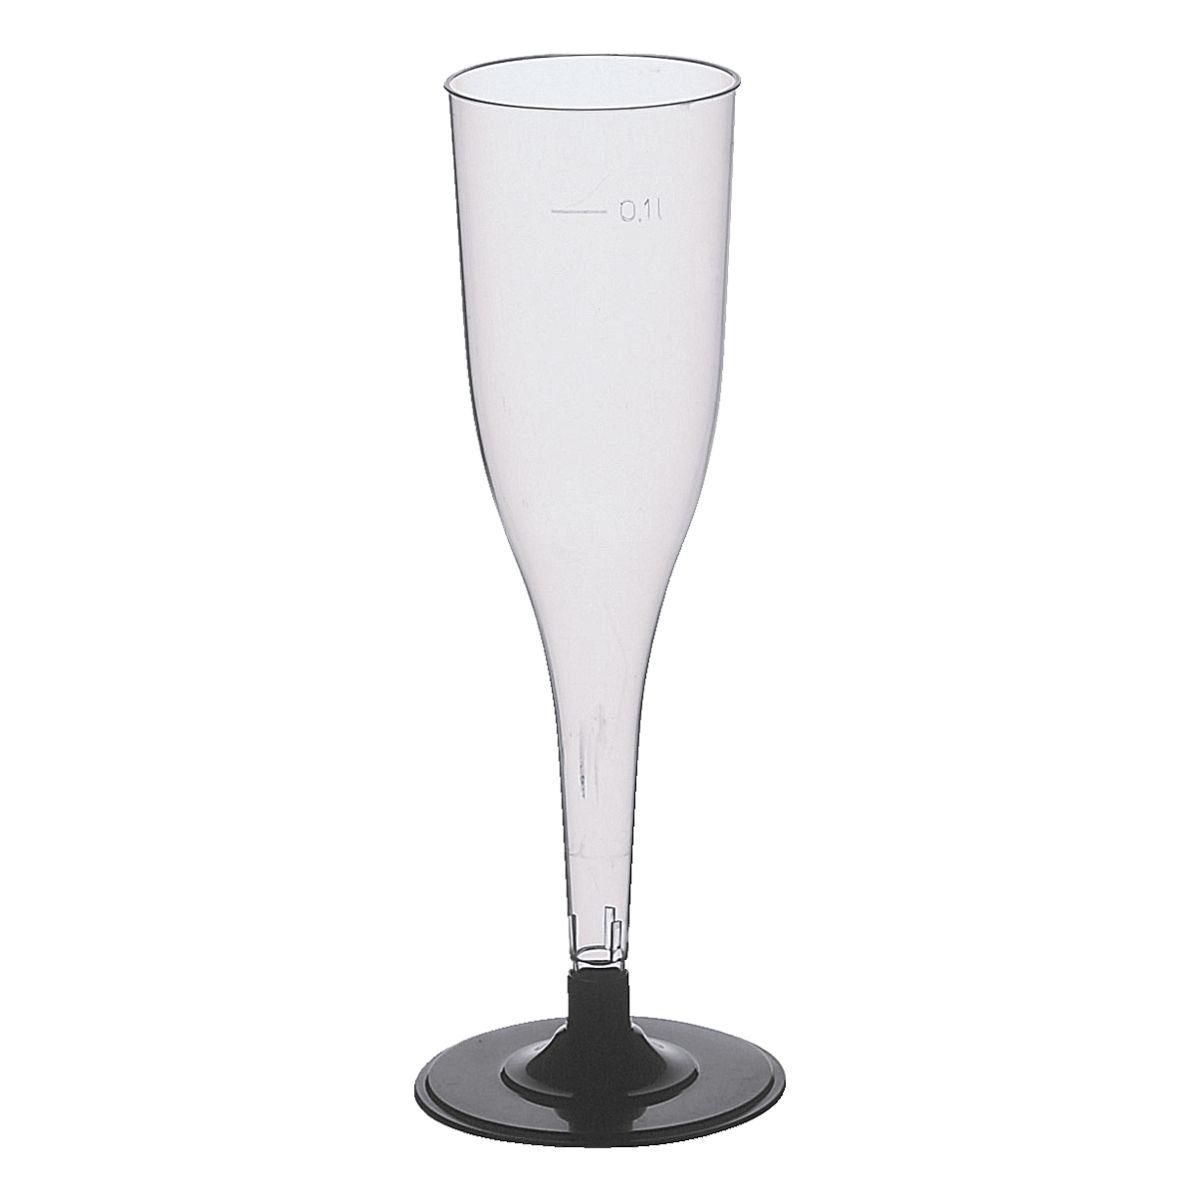 PAPSTAR Einweg-Sektglas 0,1L glasklar